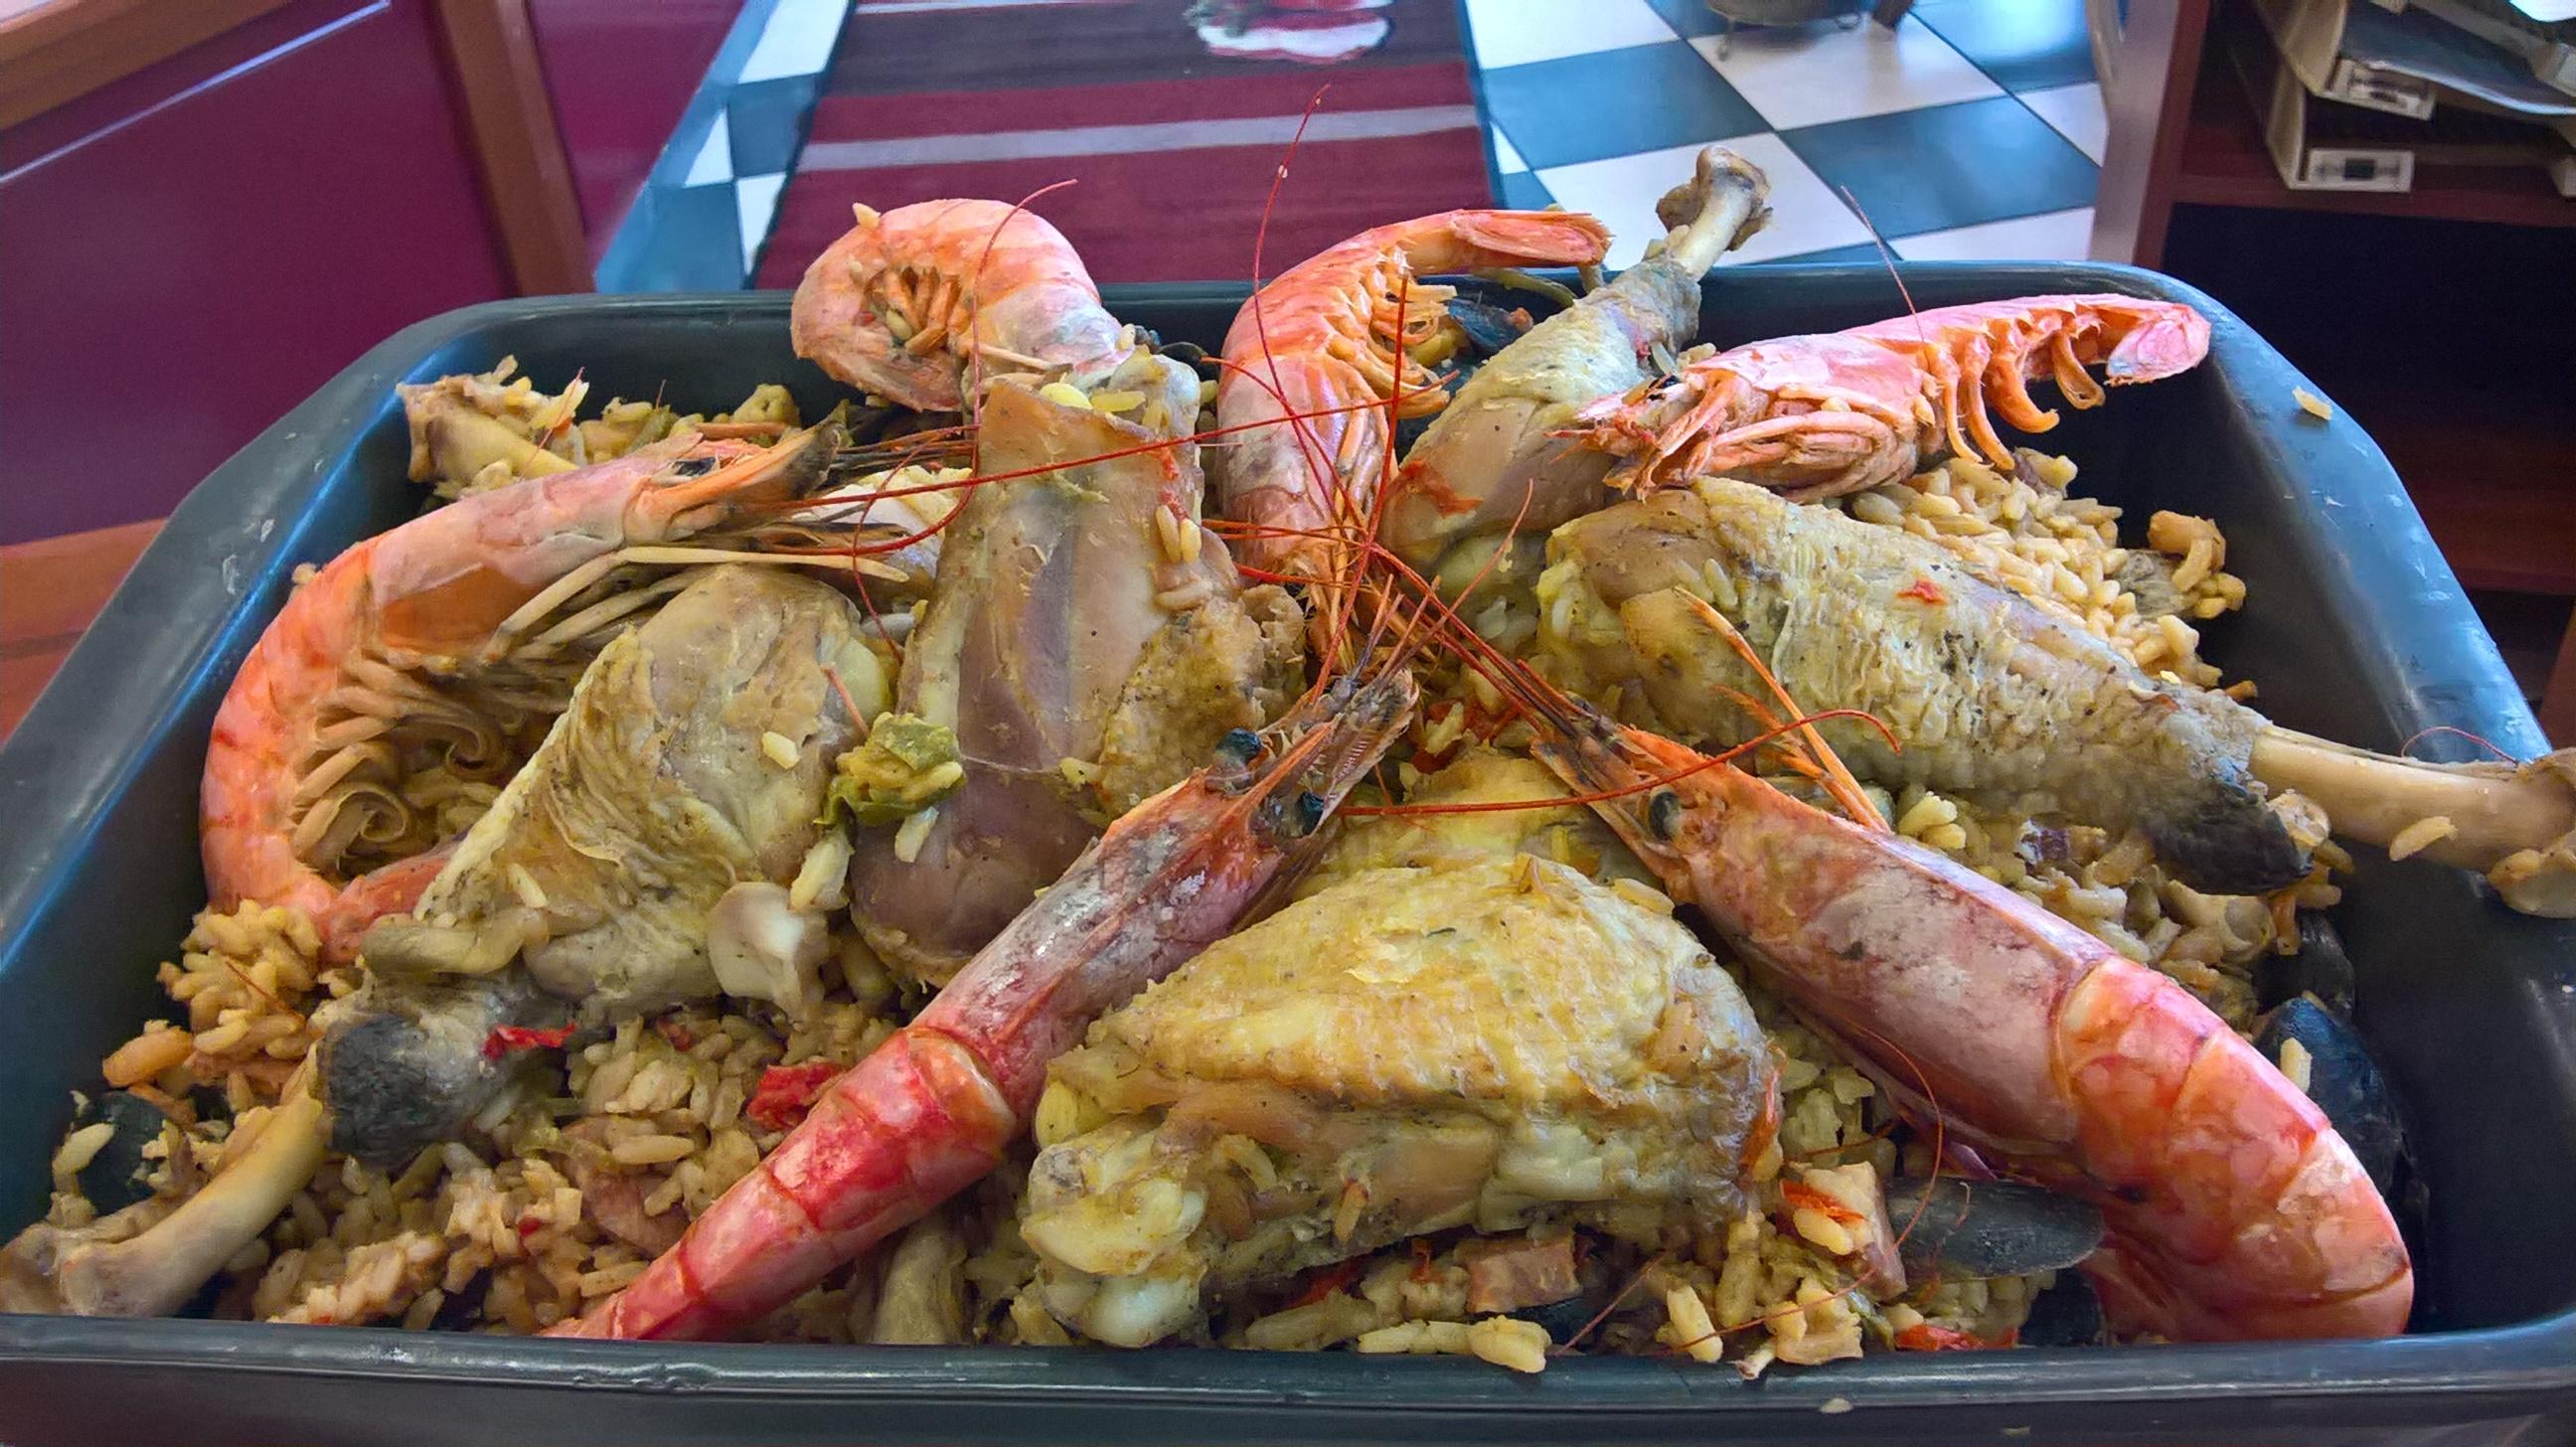 Les plats cuisin s de la boucherie liaigre traiteur les for Cuisines you les herbiers